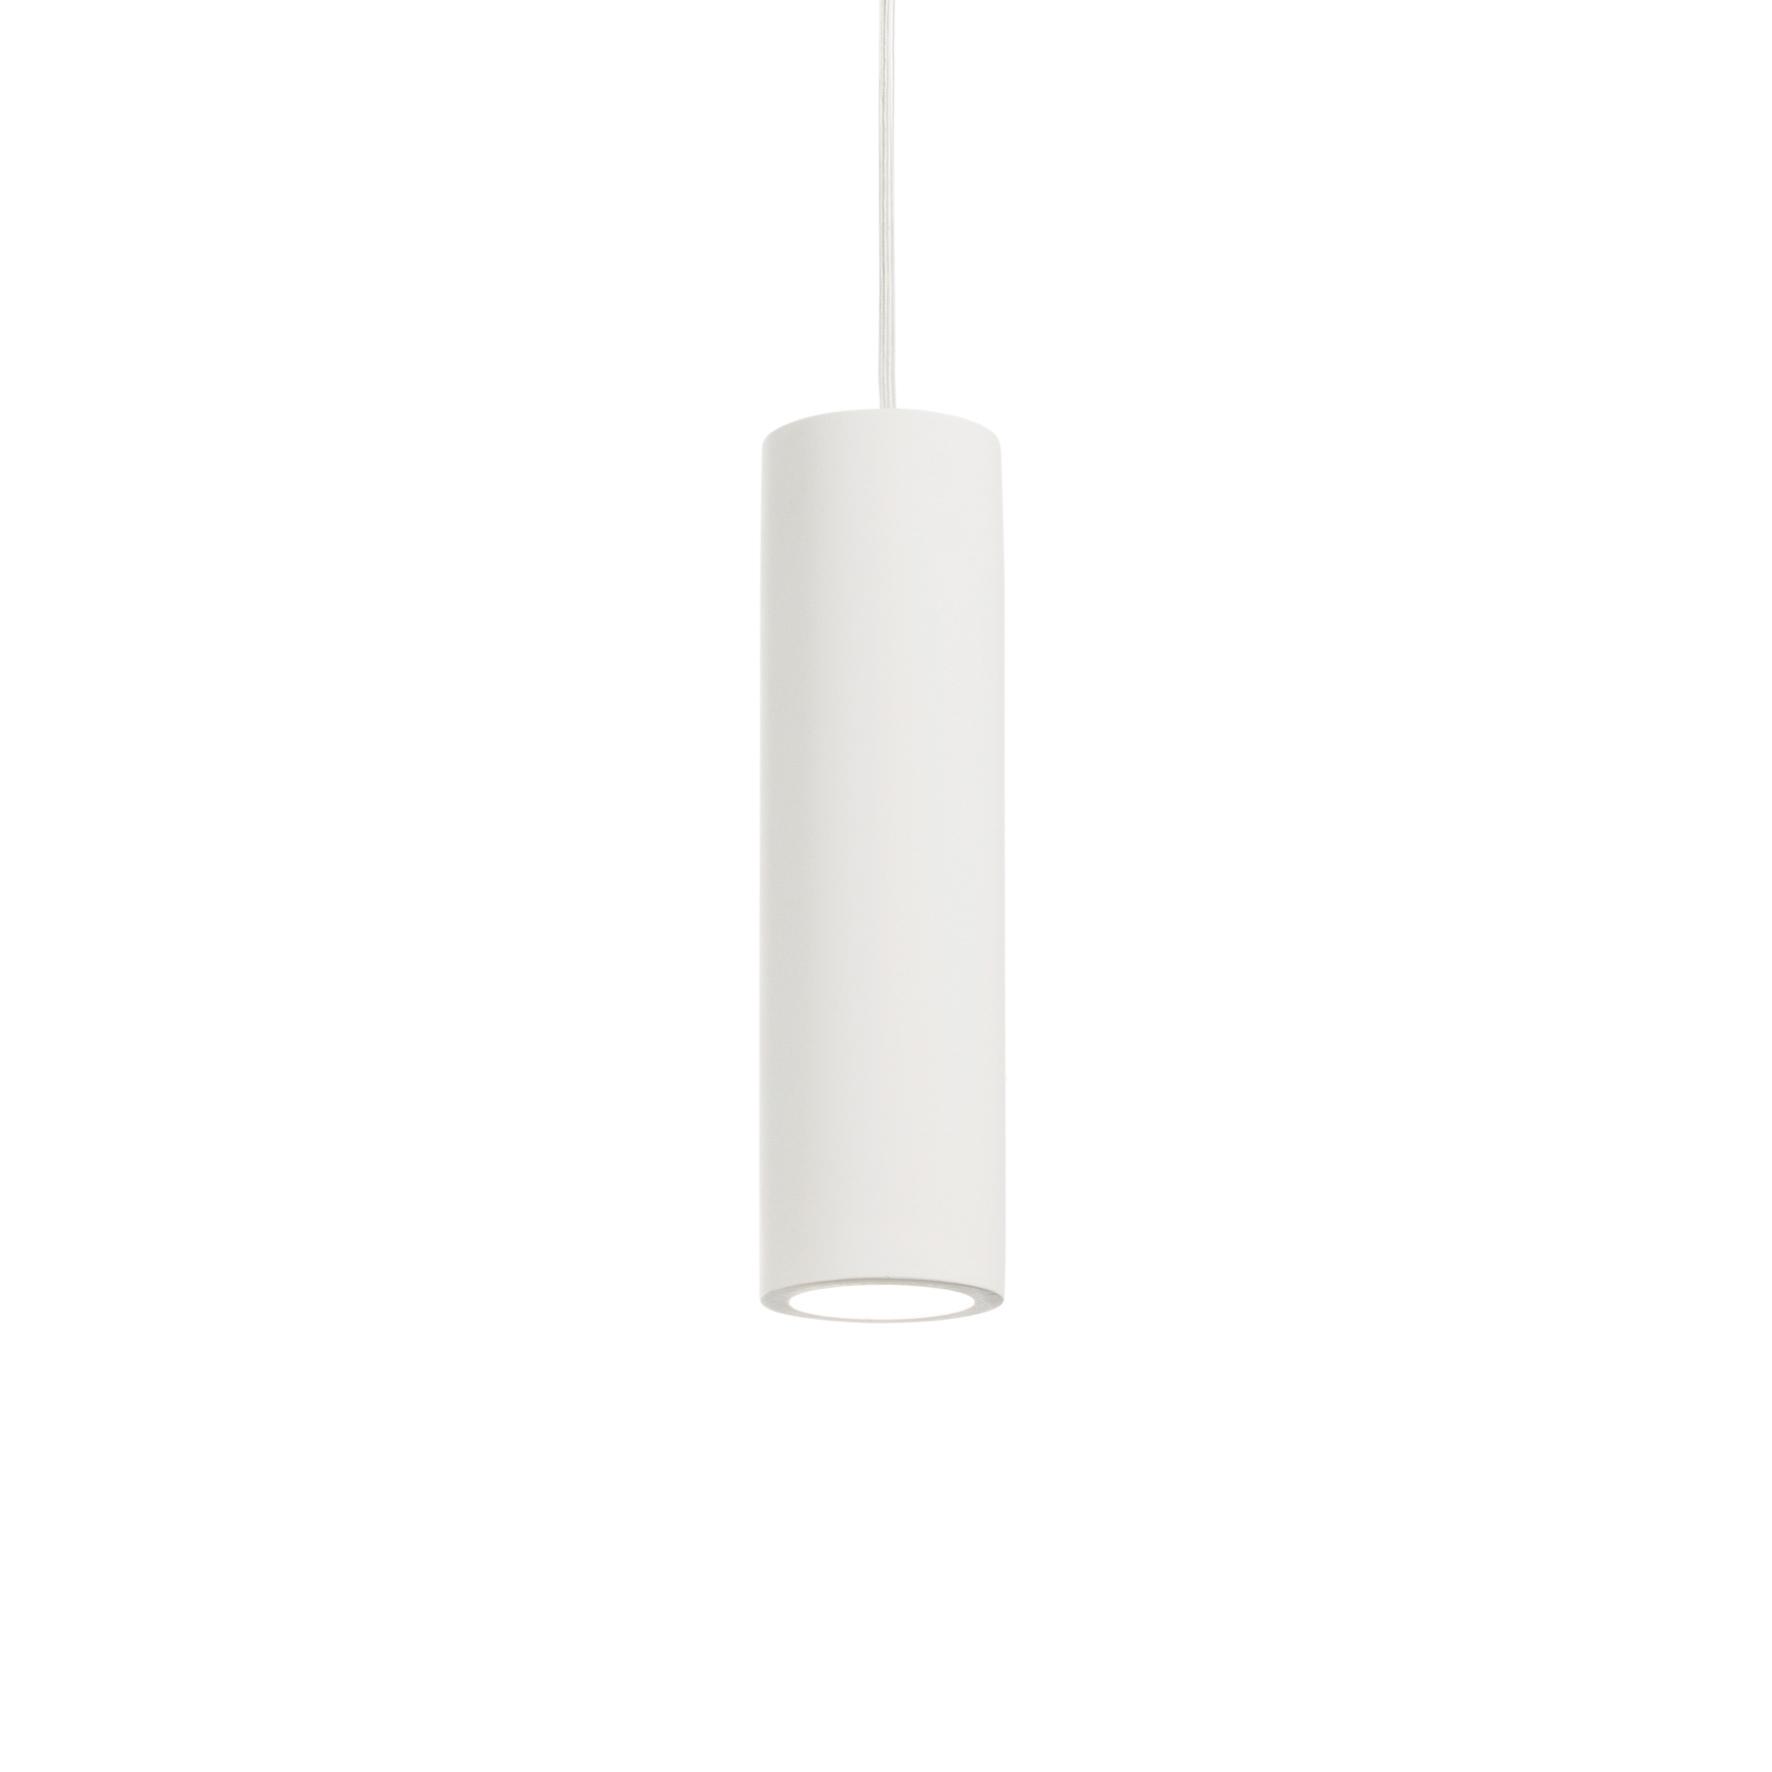 Lustra Oak SP1 Round White